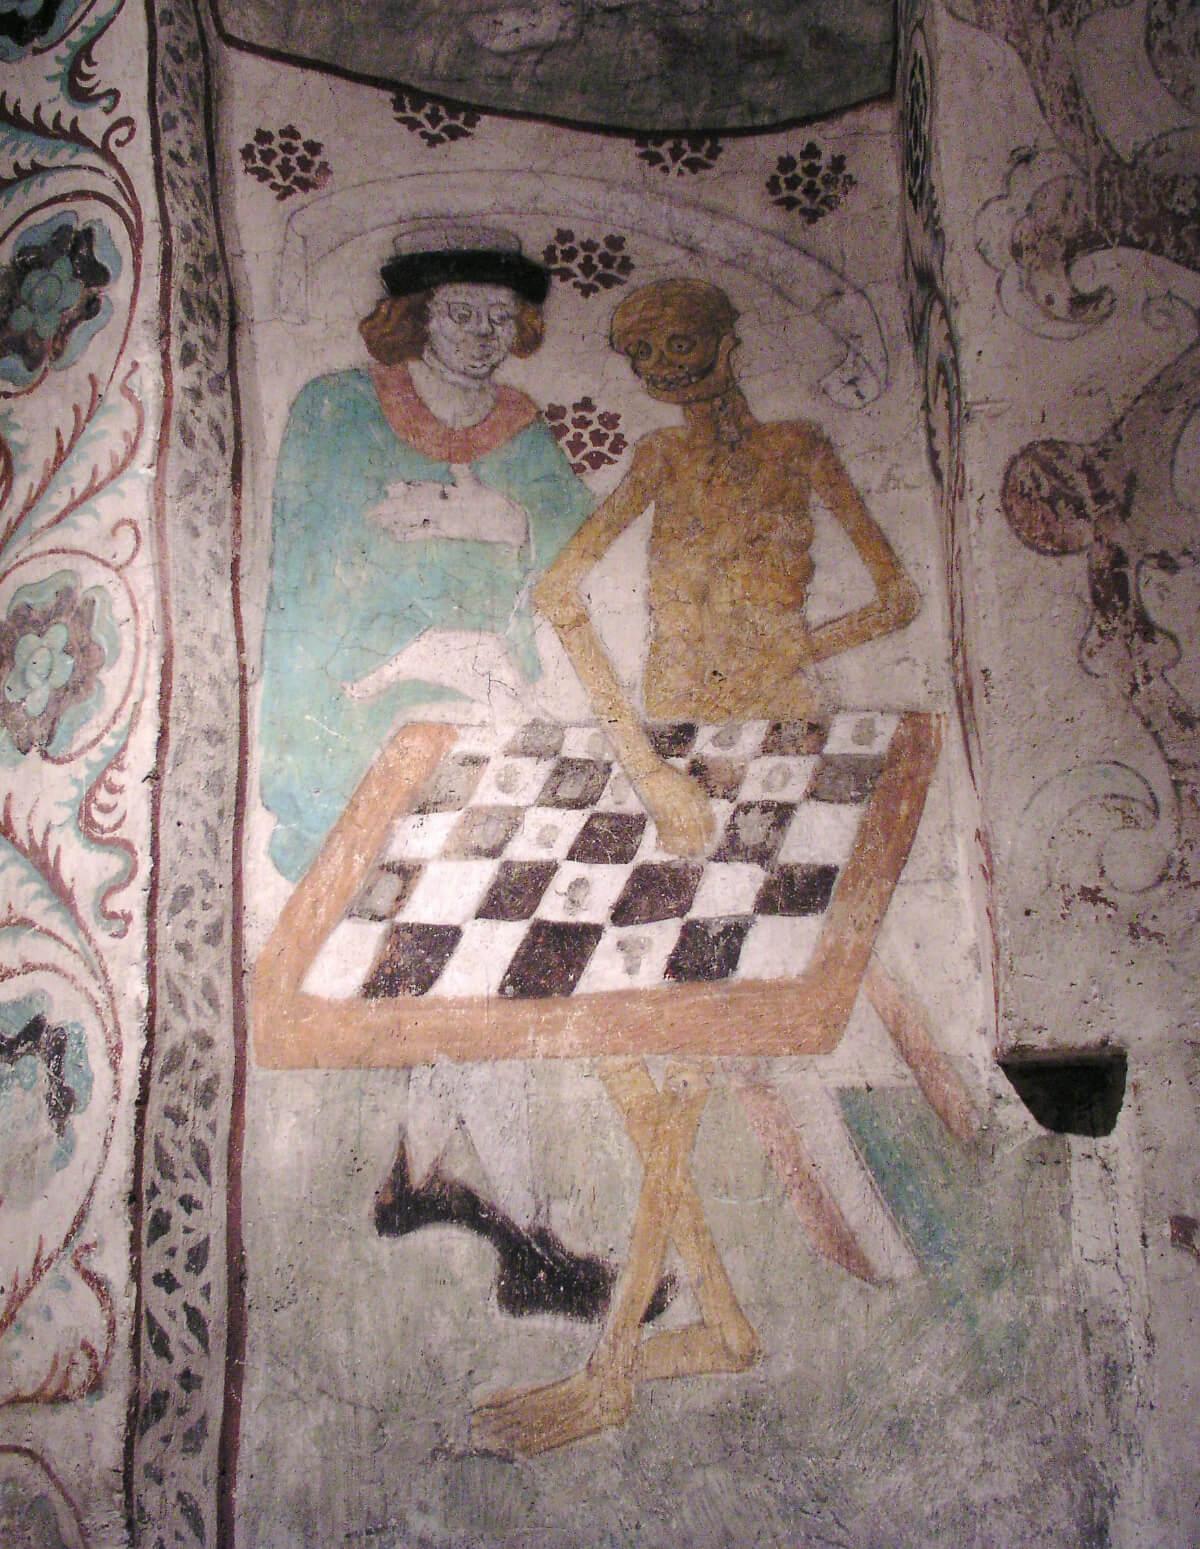 Fresque murale : La Mort jouant aux échecs par Albertus Pictor (1440-1507). Église de Täby, diocèse de Stockholm. Photo de Håkan Svensson.